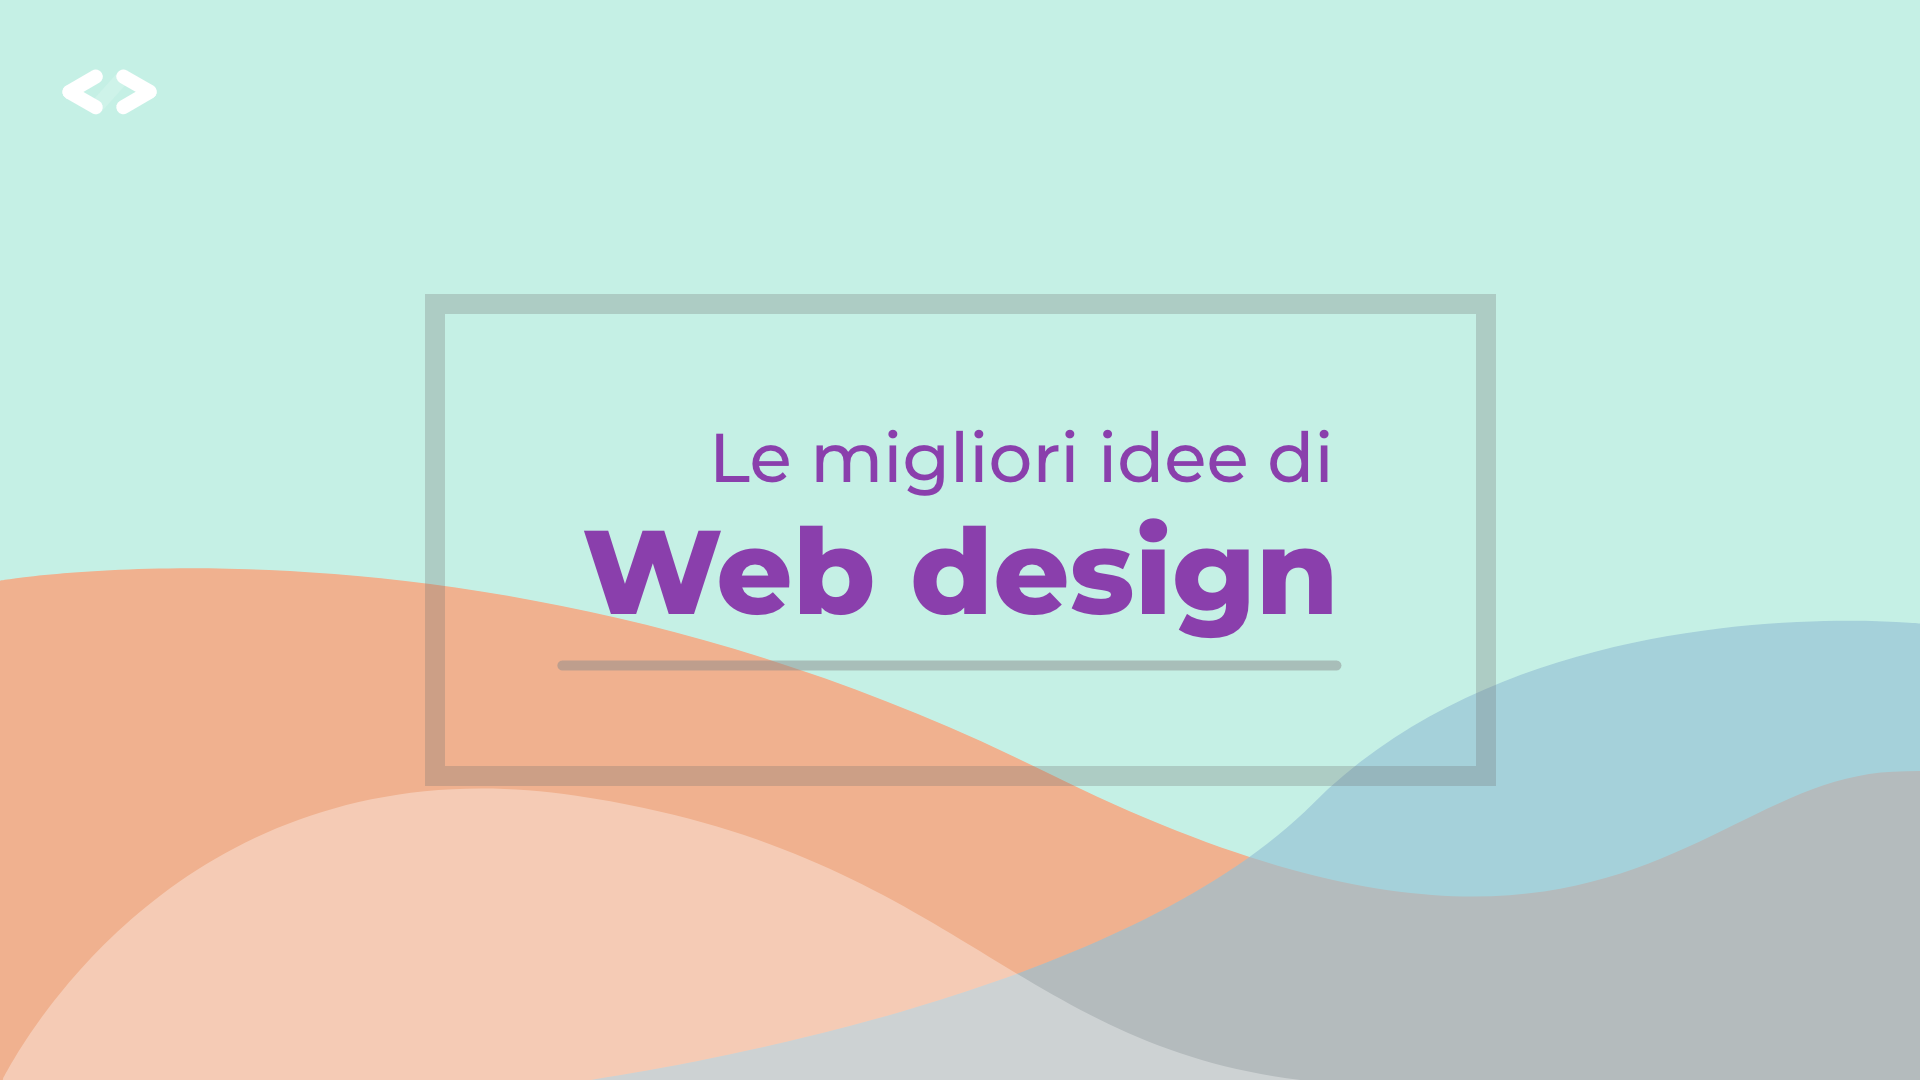 web design migliori idee